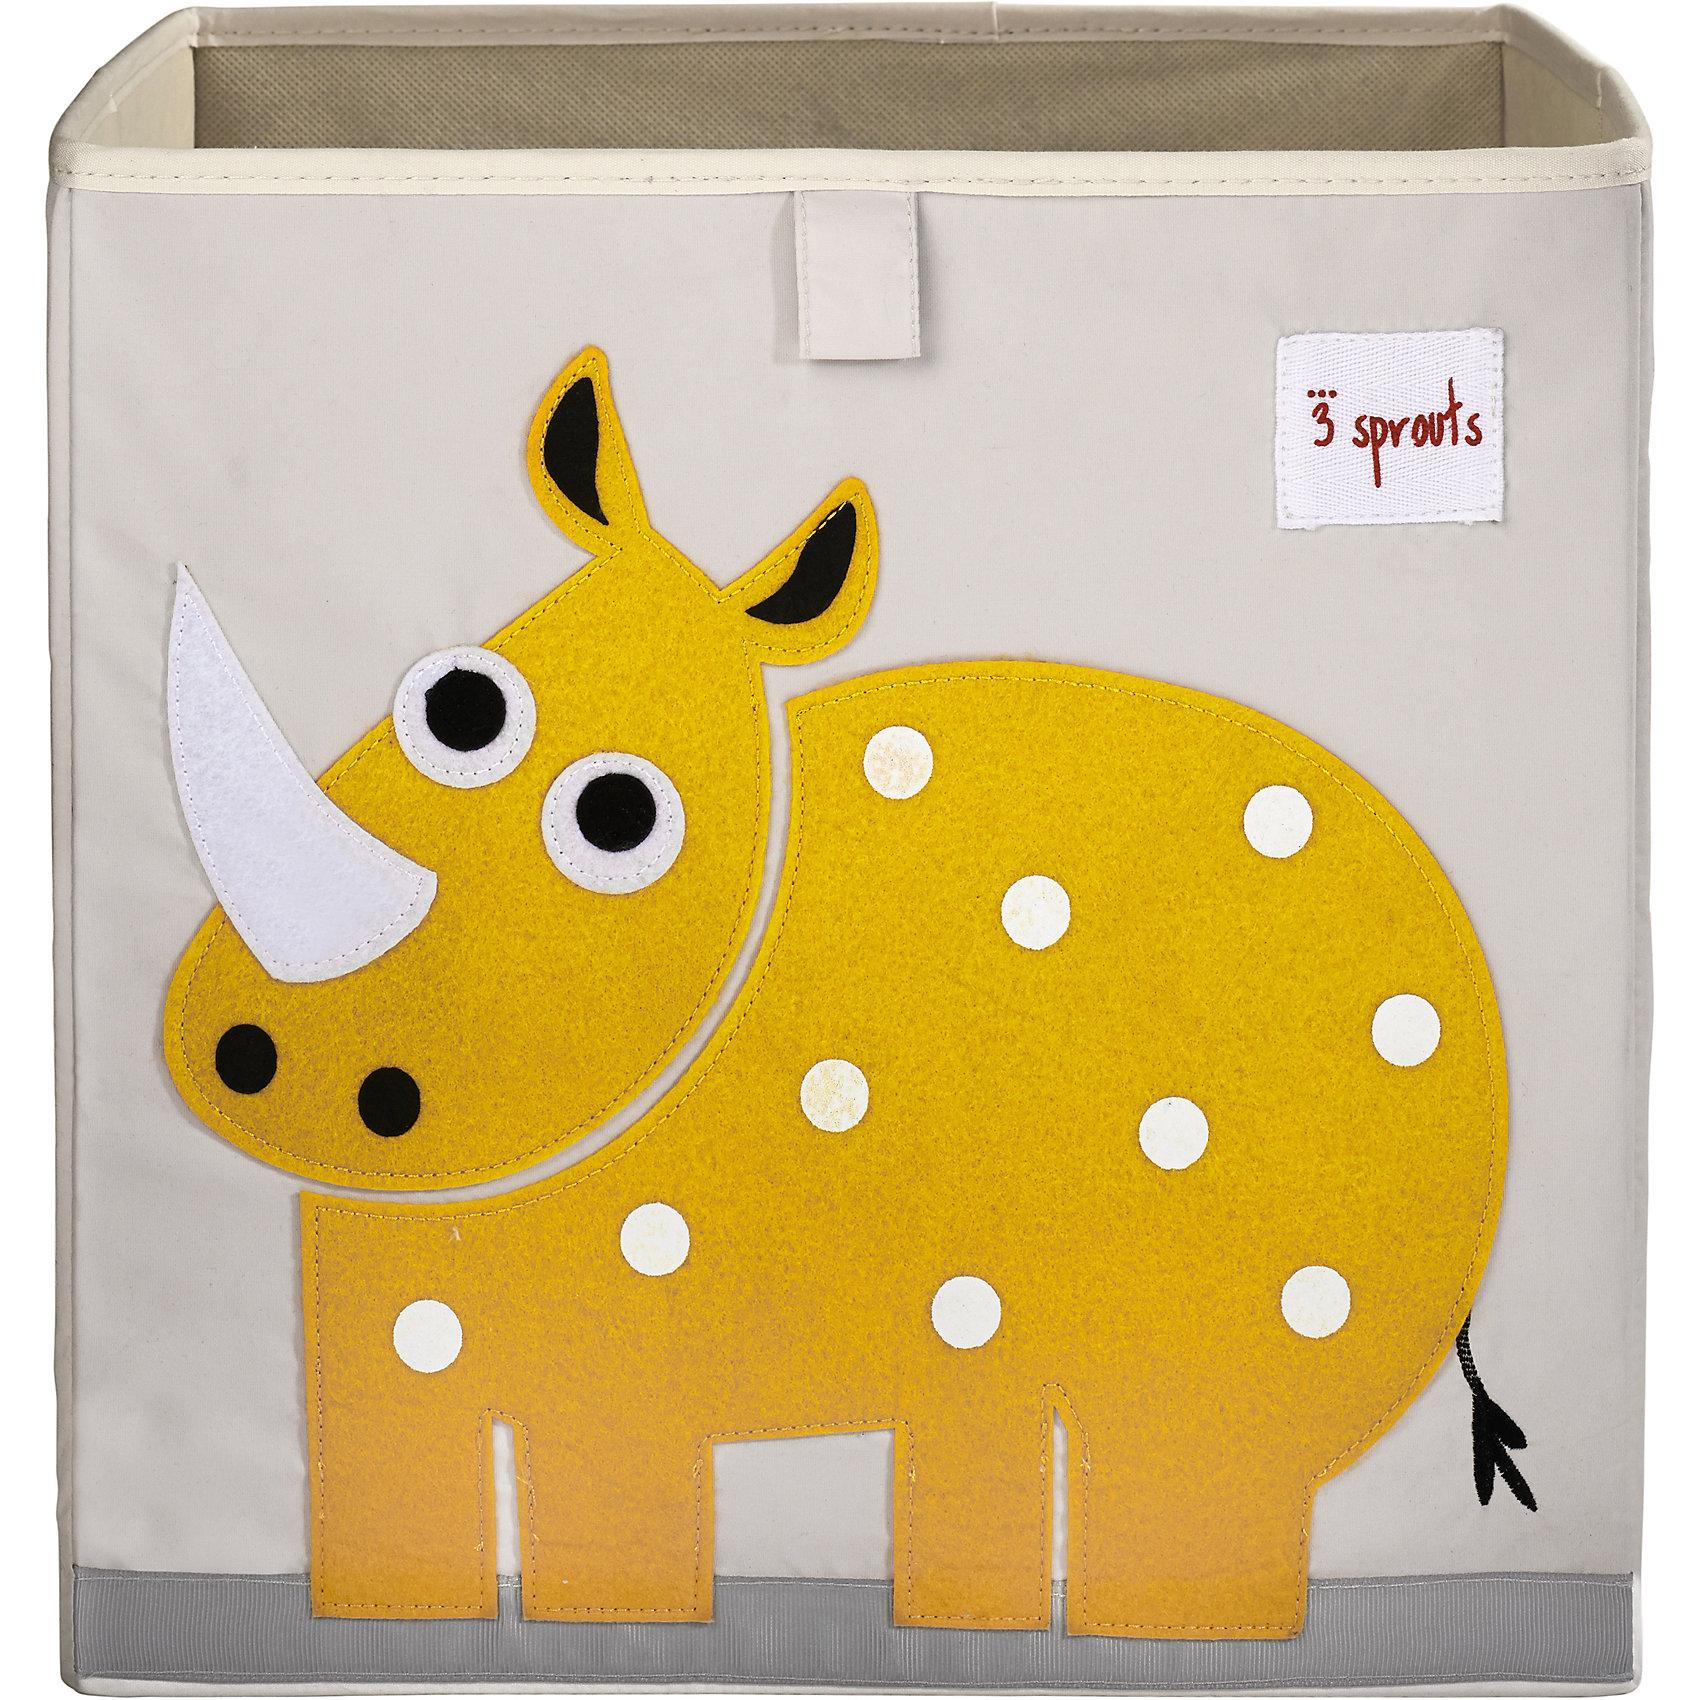 Коробка для хранения Носорог (Yellow Rhino, 3 SproutsКрасивая коробка - это не только место для хранения вещей, но и прекрасный декор любой комнаты.<br><br>Дополнительная информация:<br><br>- Размер: 33x33x33 см.<br>- Материал: полиэстер.<br>- Орнамент: Носорог.<br><br>Купить коробку для хранения Носорог (Yellow Rhino), можно в нашем магазине.<br><br>Ширина мм: 330<br>Глубина мм: 20<br>Высота мм: 330<br>Вес г: 830<br>Возраст от месяцев: 6<br>Возраст до месяцев: 2147483647<br>Пол: Унисекс<br>Возраст: Детский<br>SKU: 5098226